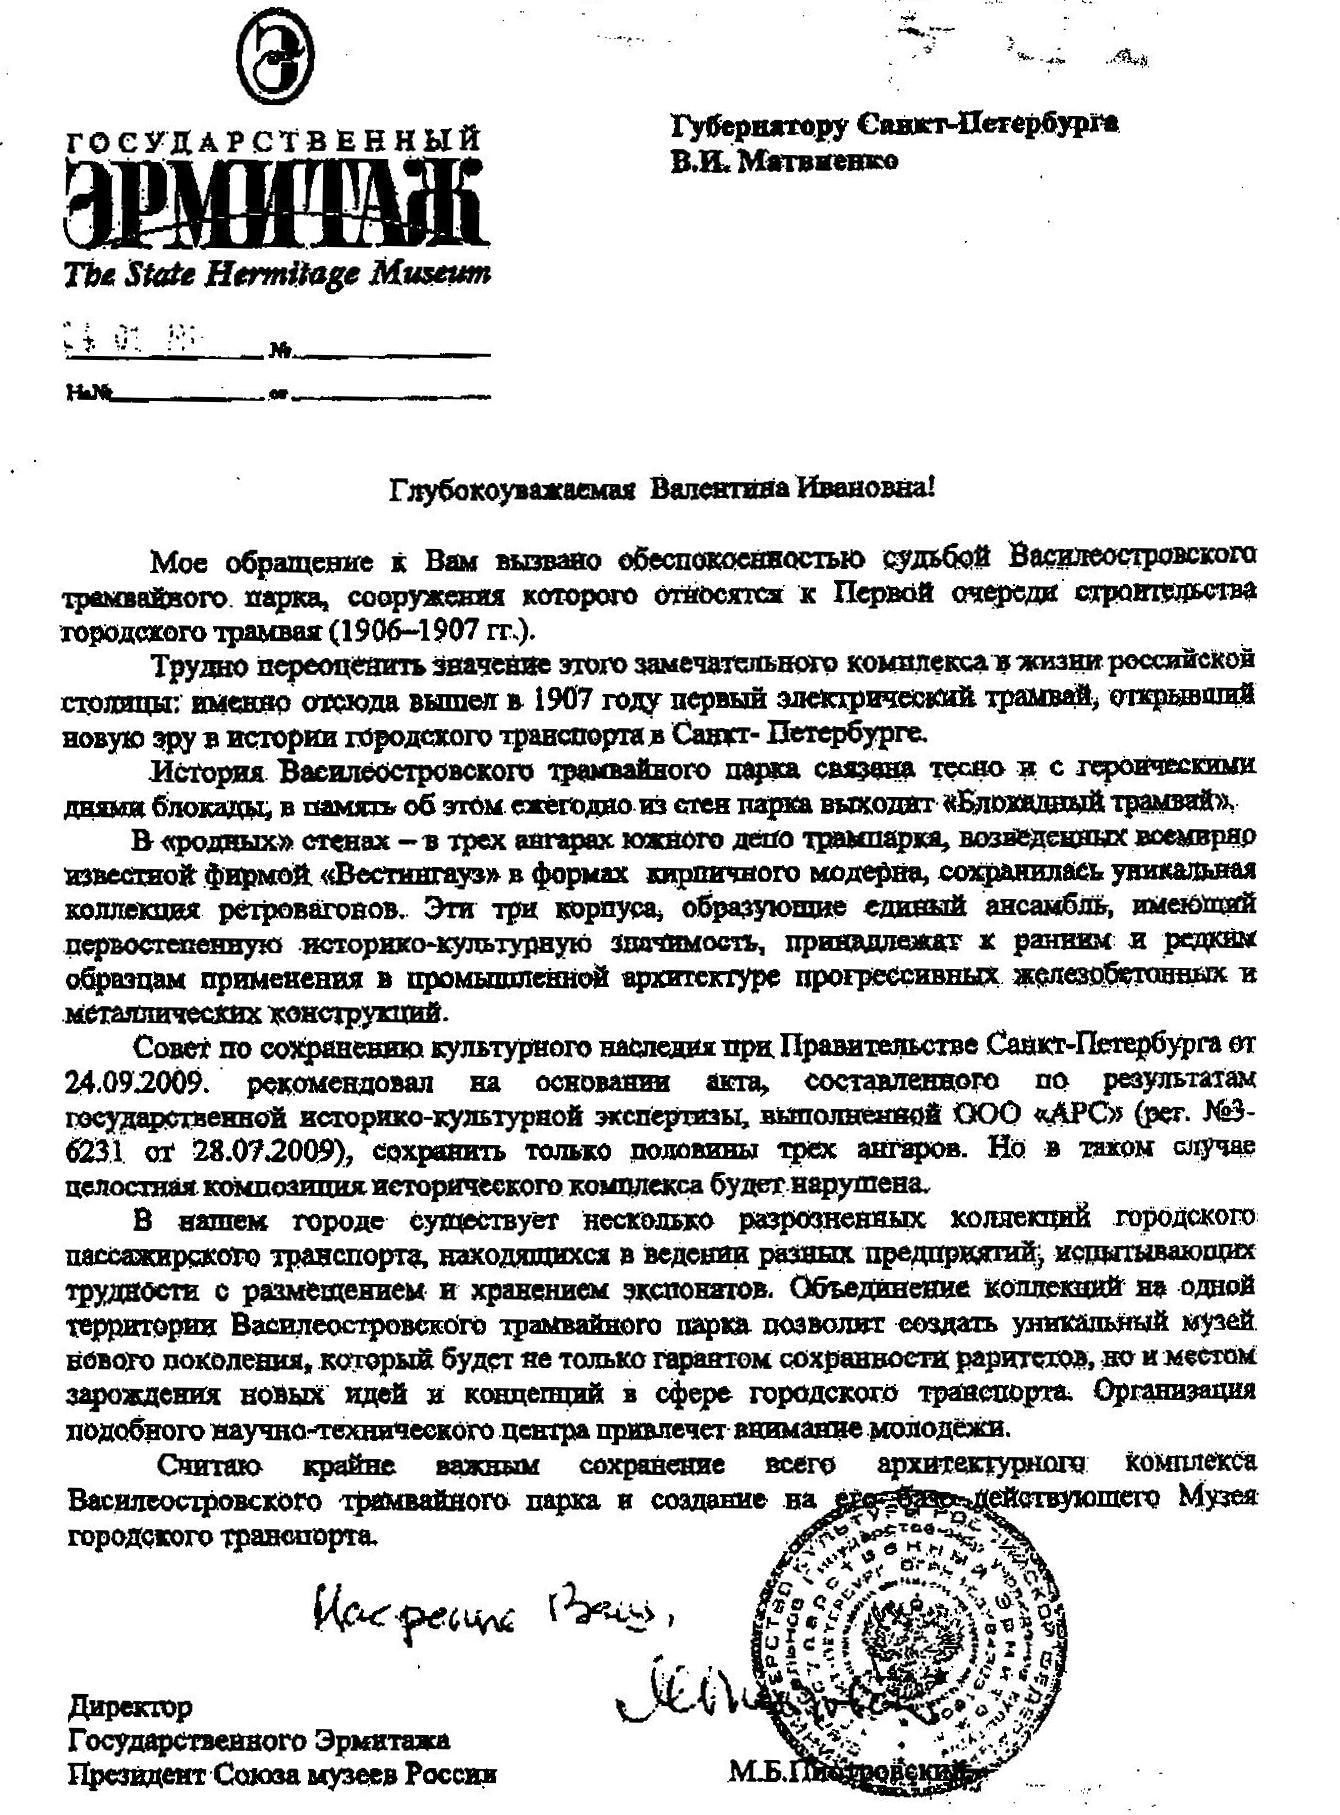 Обращение Пиотровского в пользу сохранения Музея городского транспорта